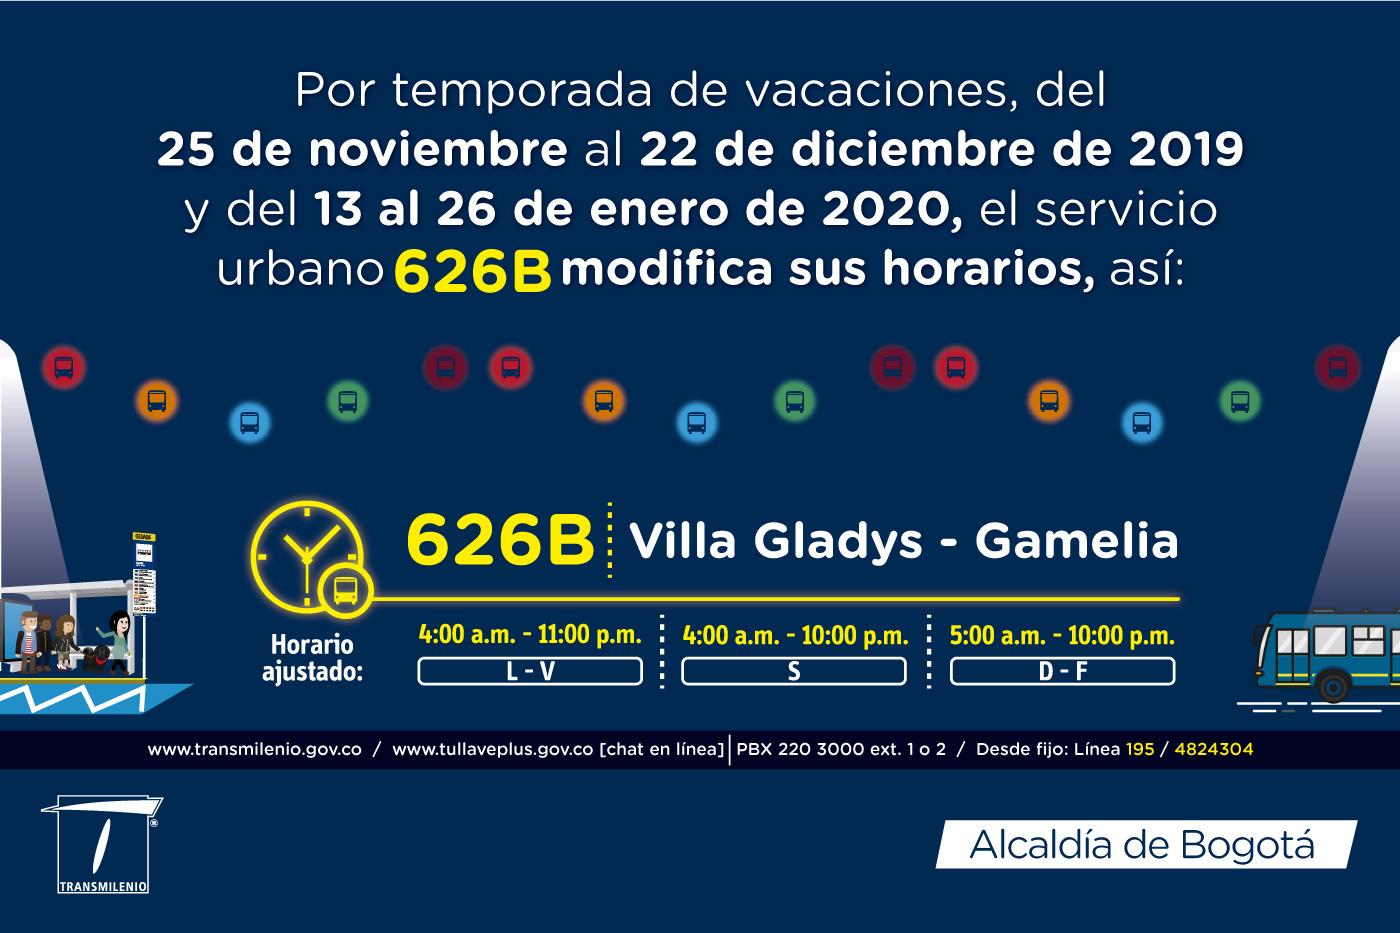 626B Villa Gladys Gamelia horario ajustado para navidad